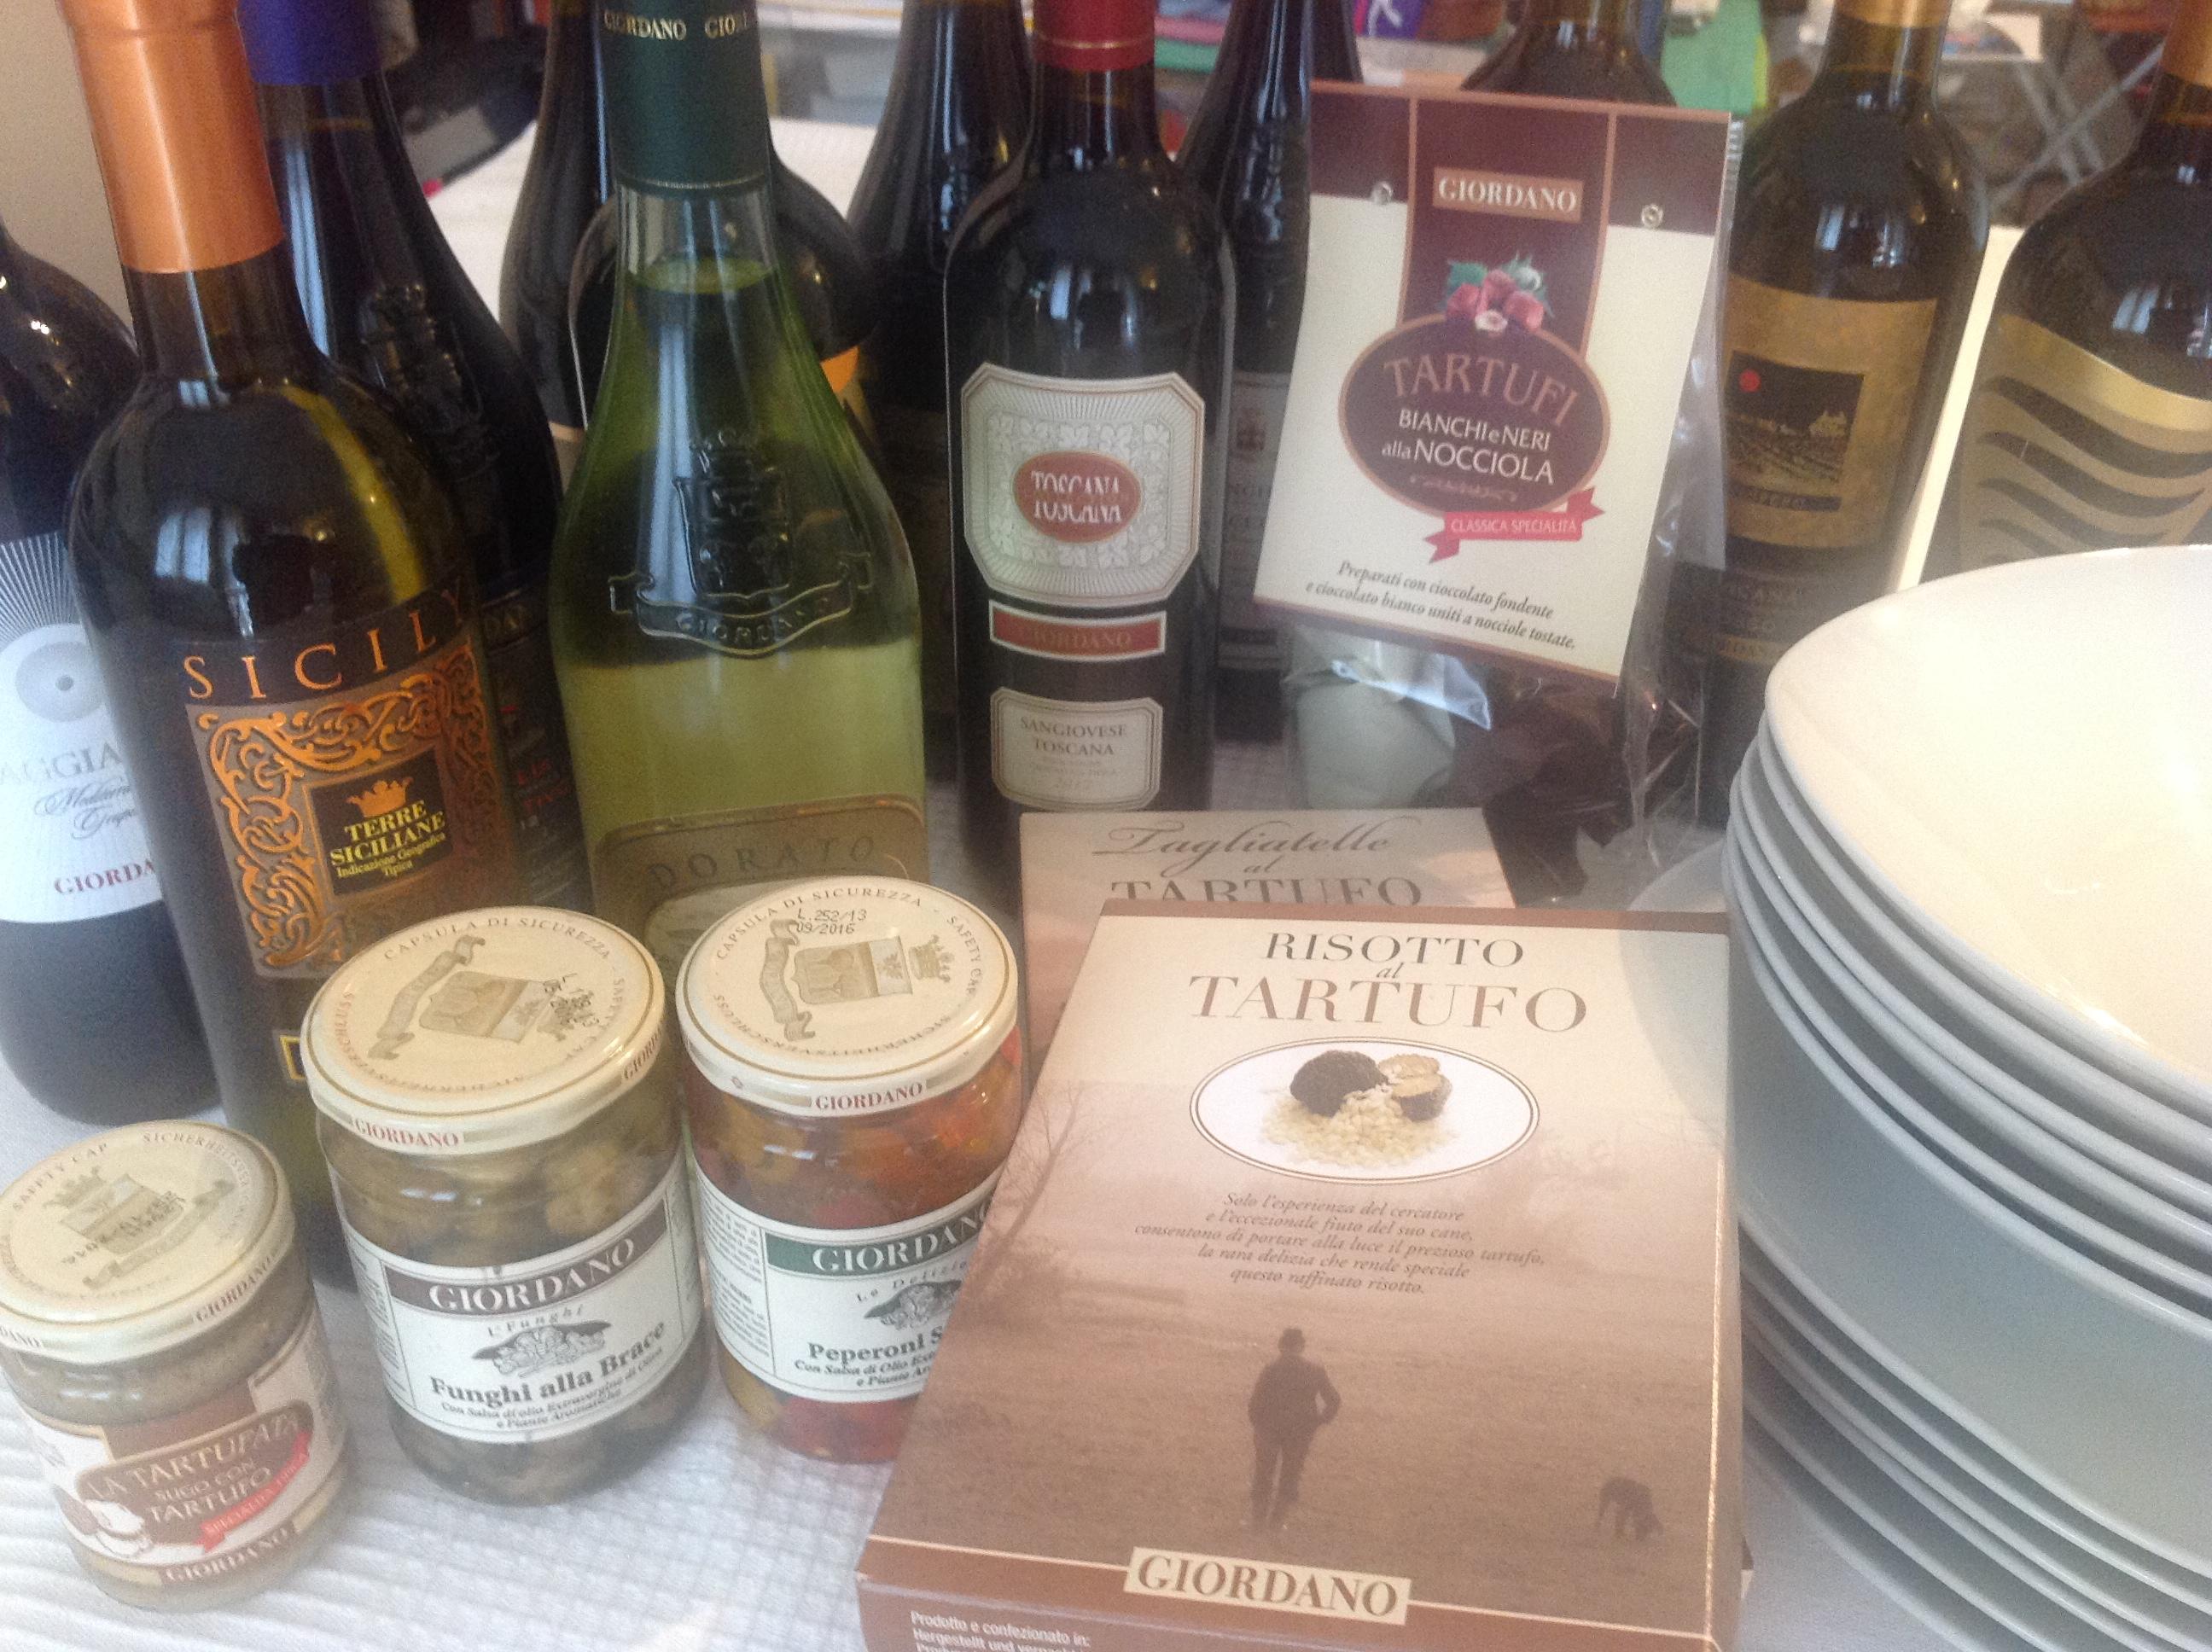 È arrivato a casa il pacco di Giordano (e ho assaggiato i vini ... 71f50c35a28